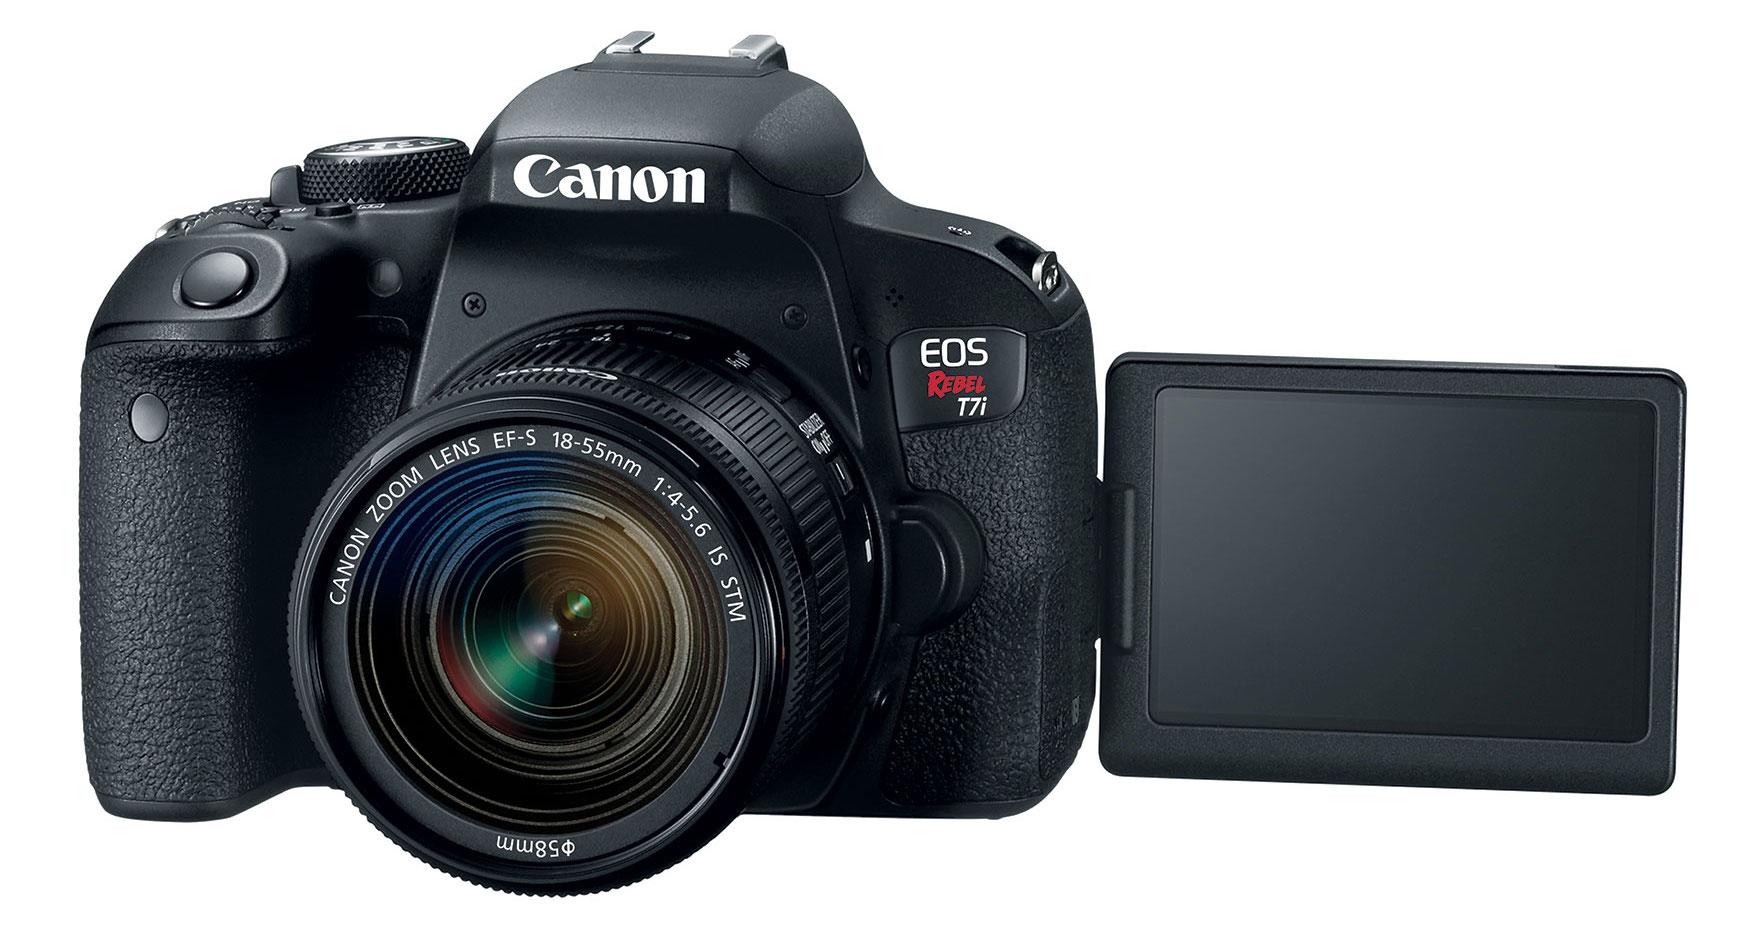 Kamera canon baru mencari cinta m6 800d dan 77d canon eos 77d adalah kamera yang lebih canggih dari 800d tapi kualitas body nya dibawah canon eos 80d yang ditujukan ke fotografer semi profesional thecheapjerseys Choice Image